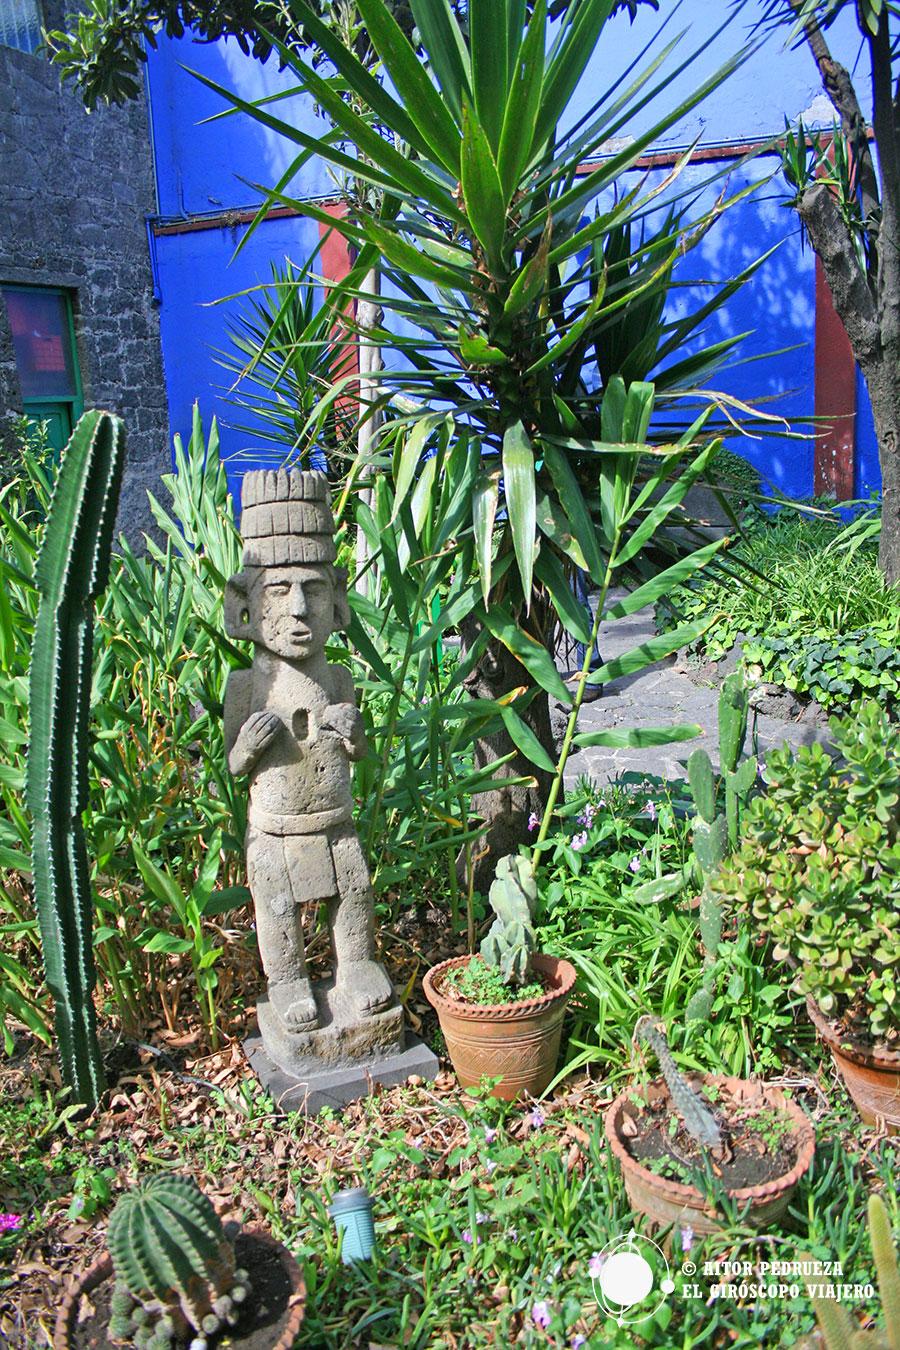 Casa azul, museo de Frida Kalho